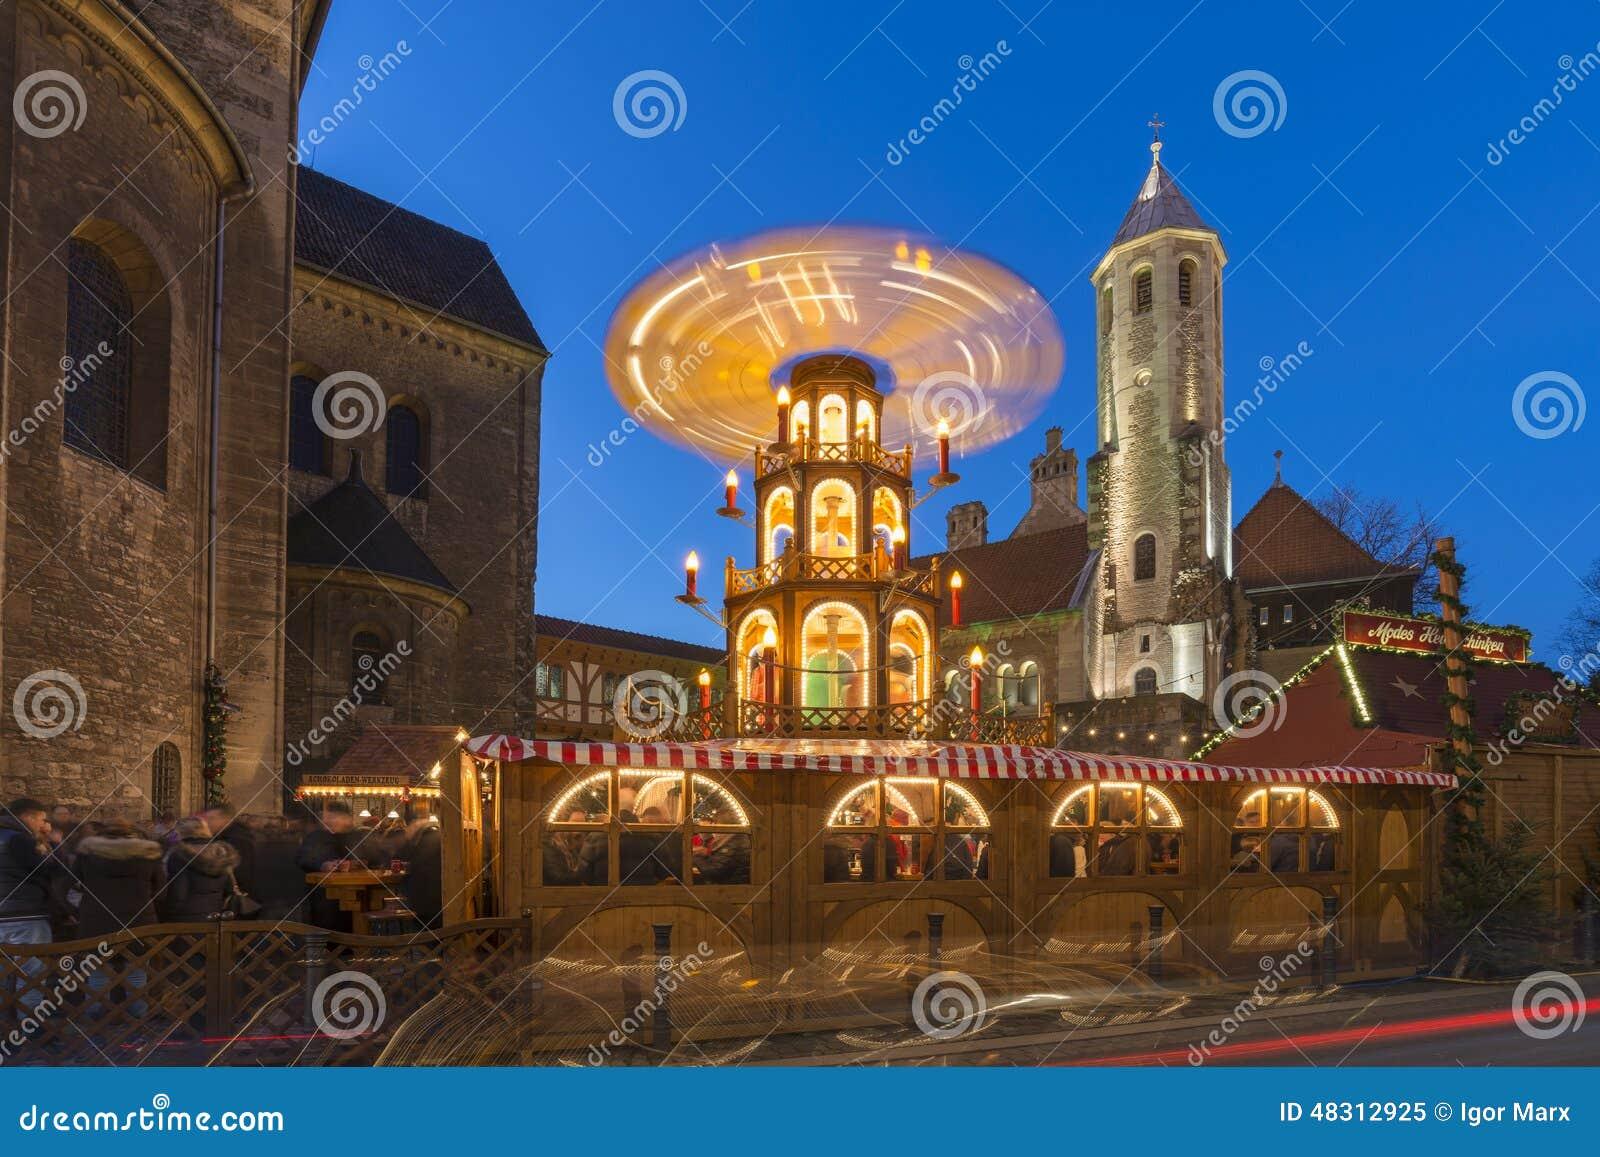 Weihnachtsmarkt Braunschweig.Weihnachtsmarkt In Braunschweig Stockbild Bild Von Leuchte